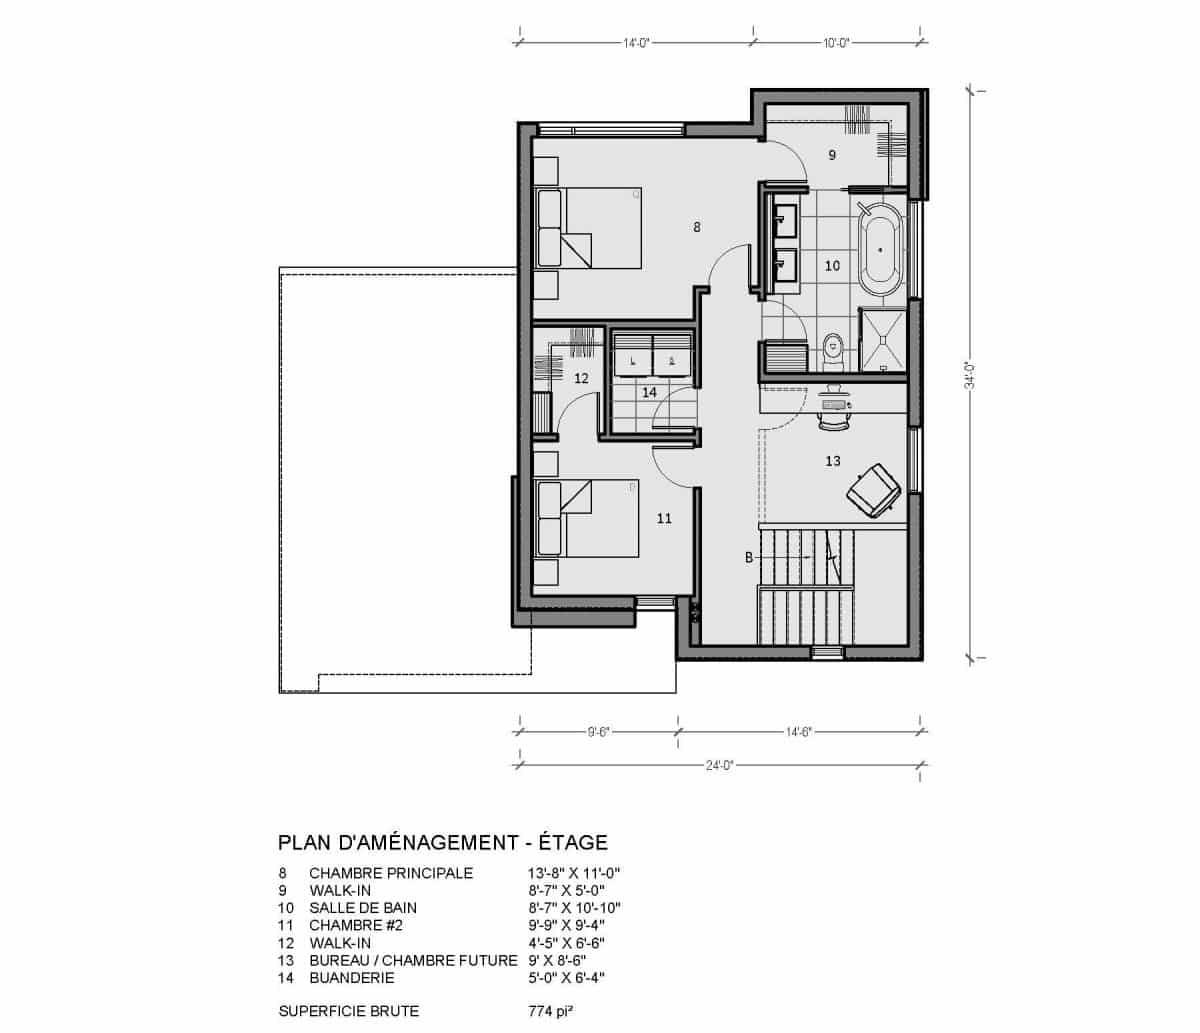 plan de maison étage saratoga